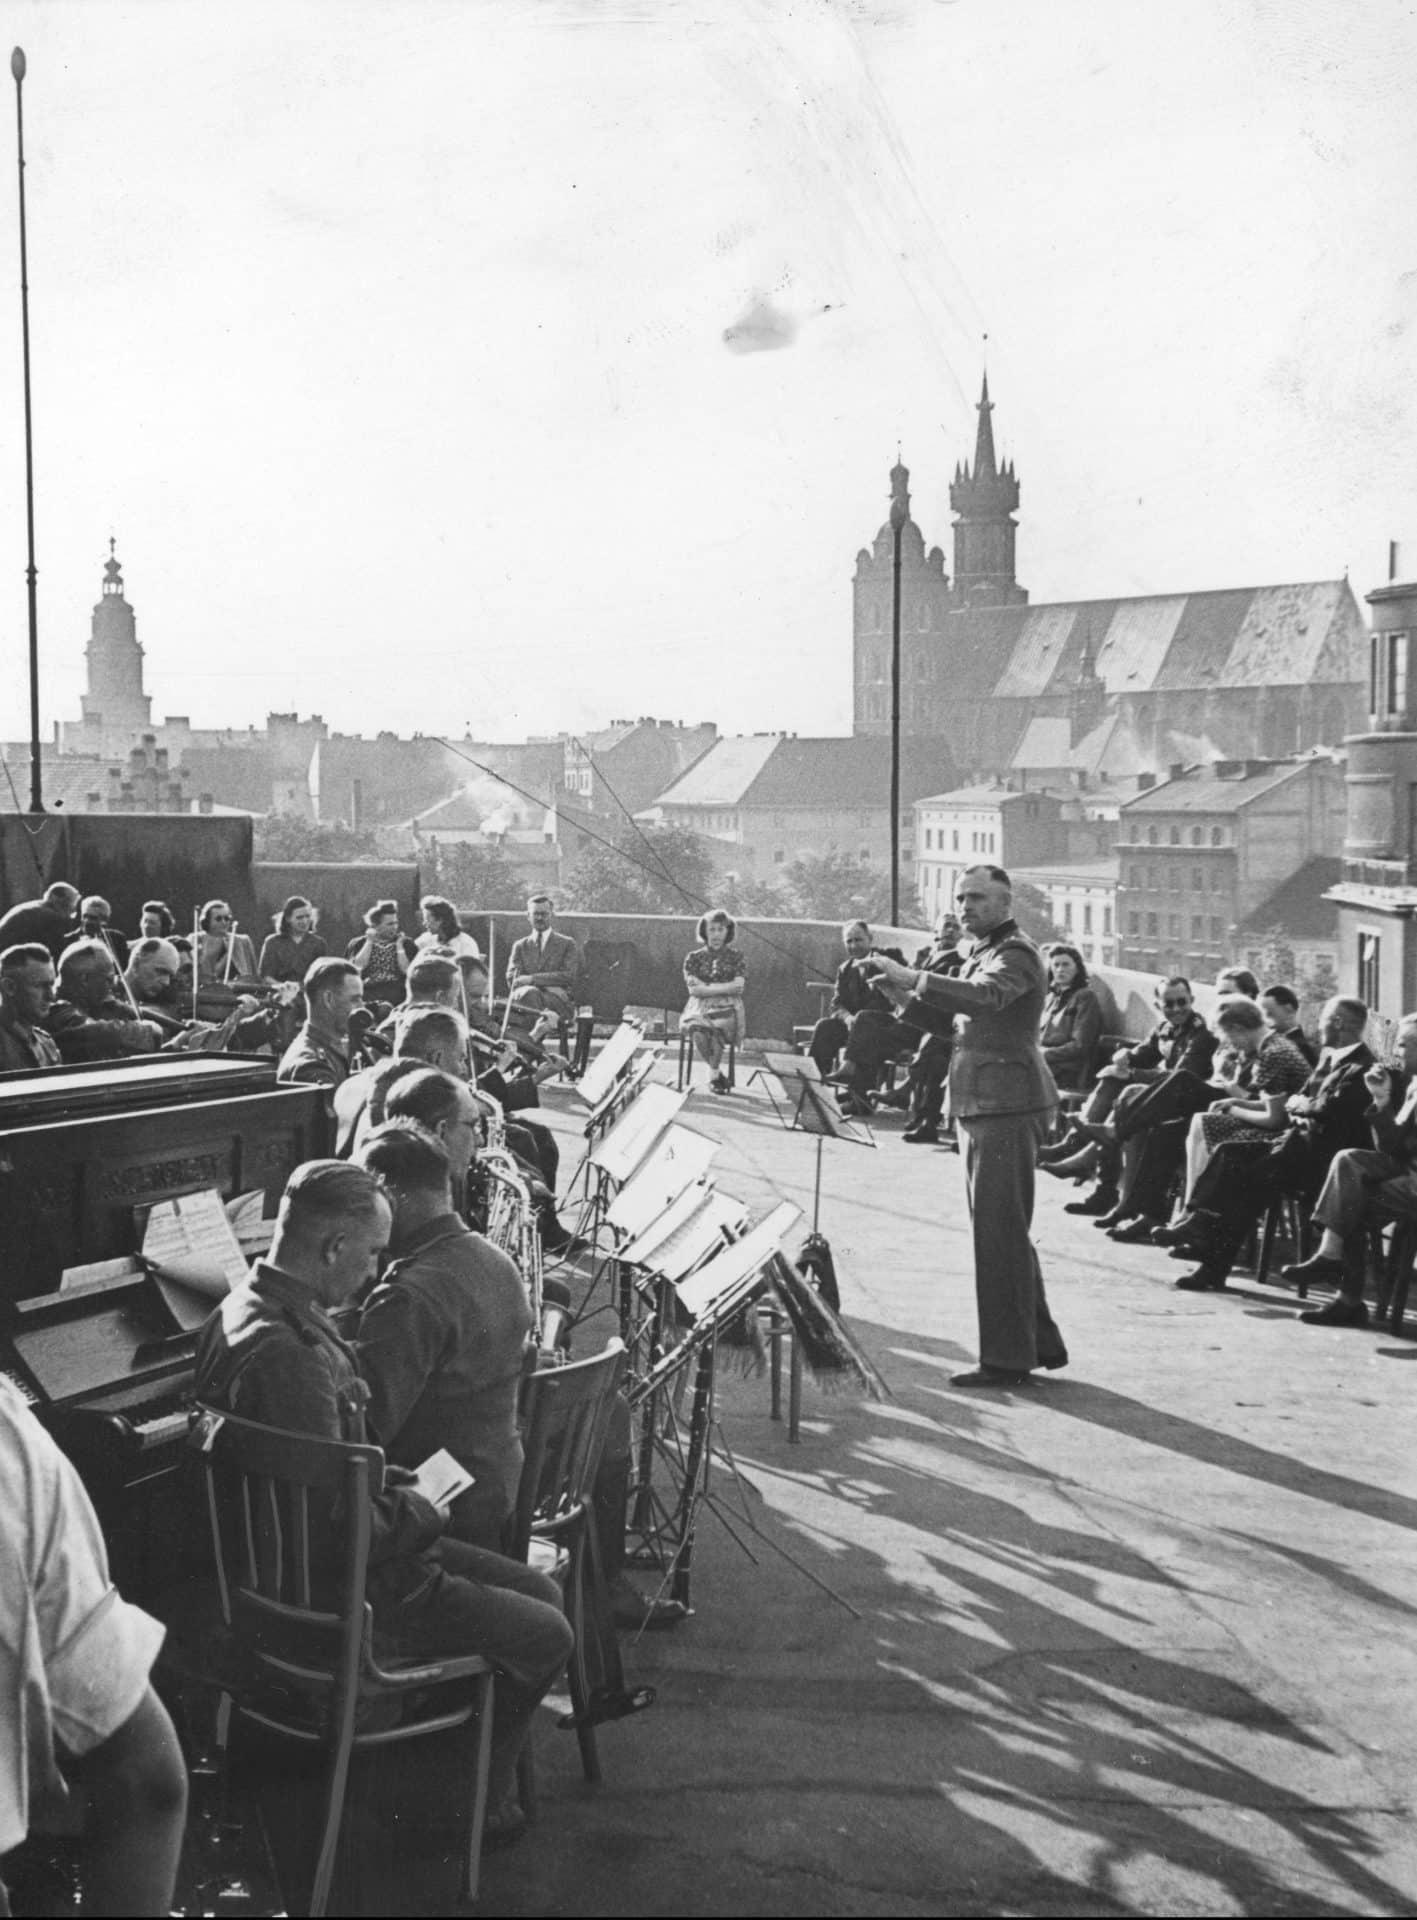 Koncert niemieckiej orkiestry na dachu Pałacu Prasy, który przed wojną był siedzibą koncernu IKC. Źródło: Narodowe Archiwum Cyfrowe.